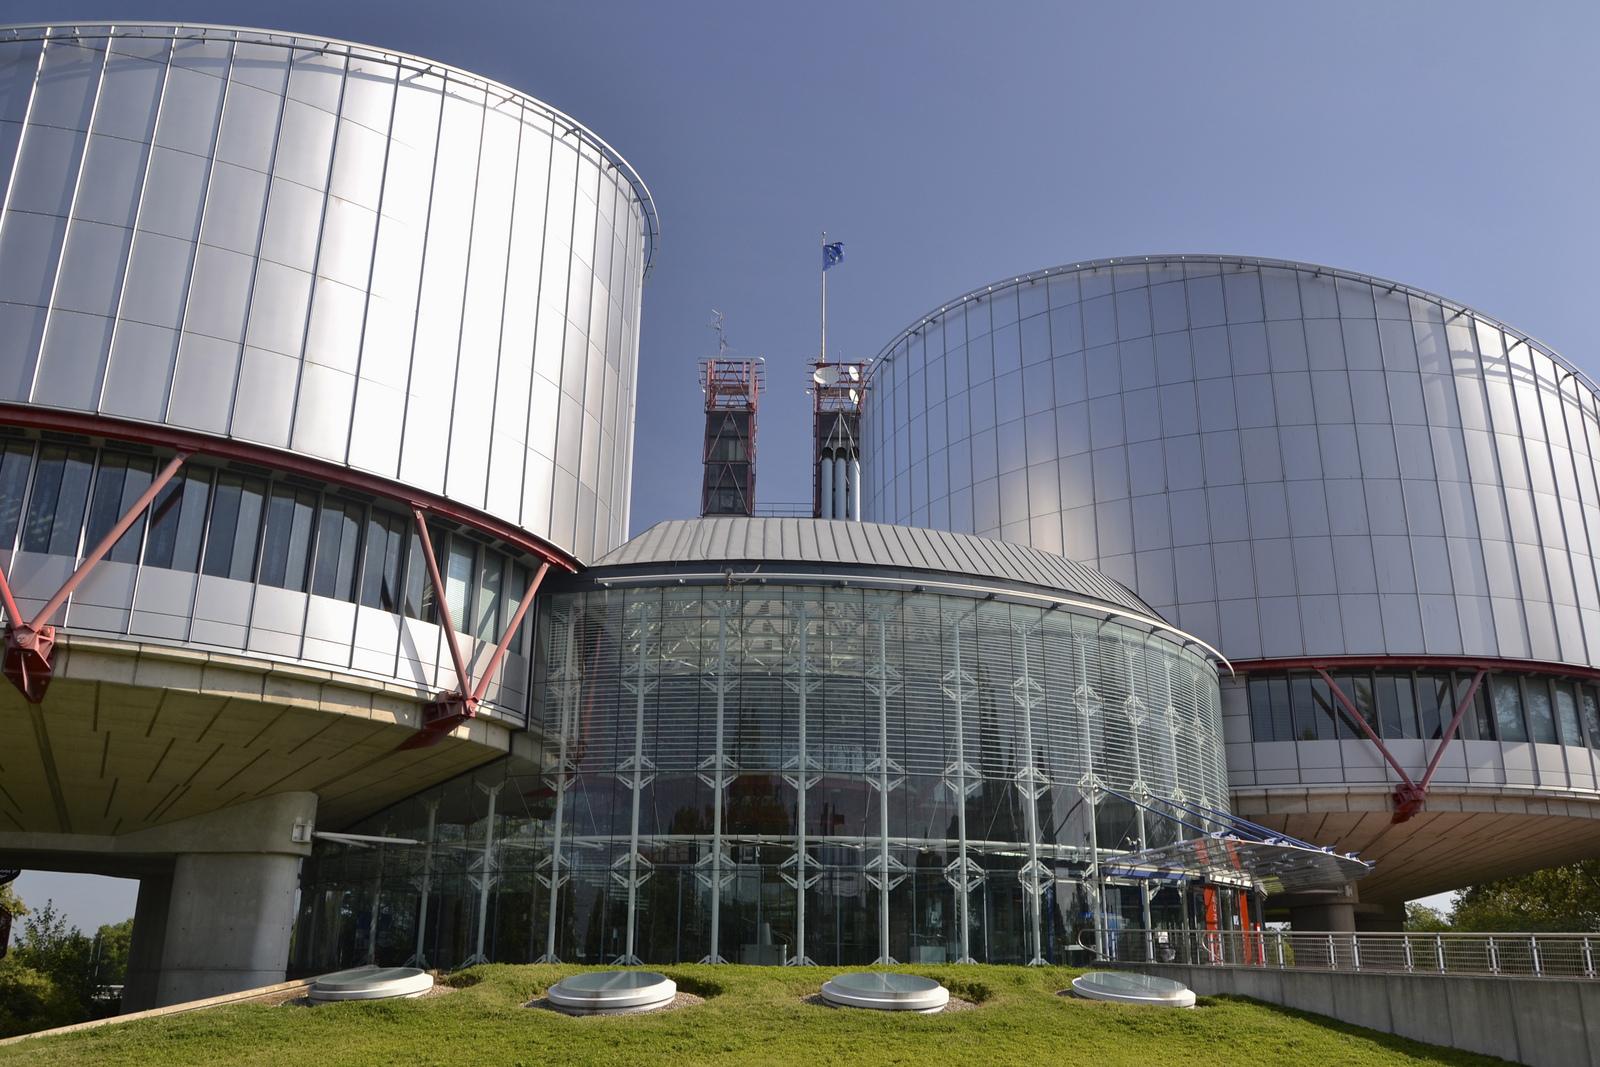 L'evoluzione dei diritti umani e l'iter procedurale della Corte Europea dei Diritti dell'Uomo